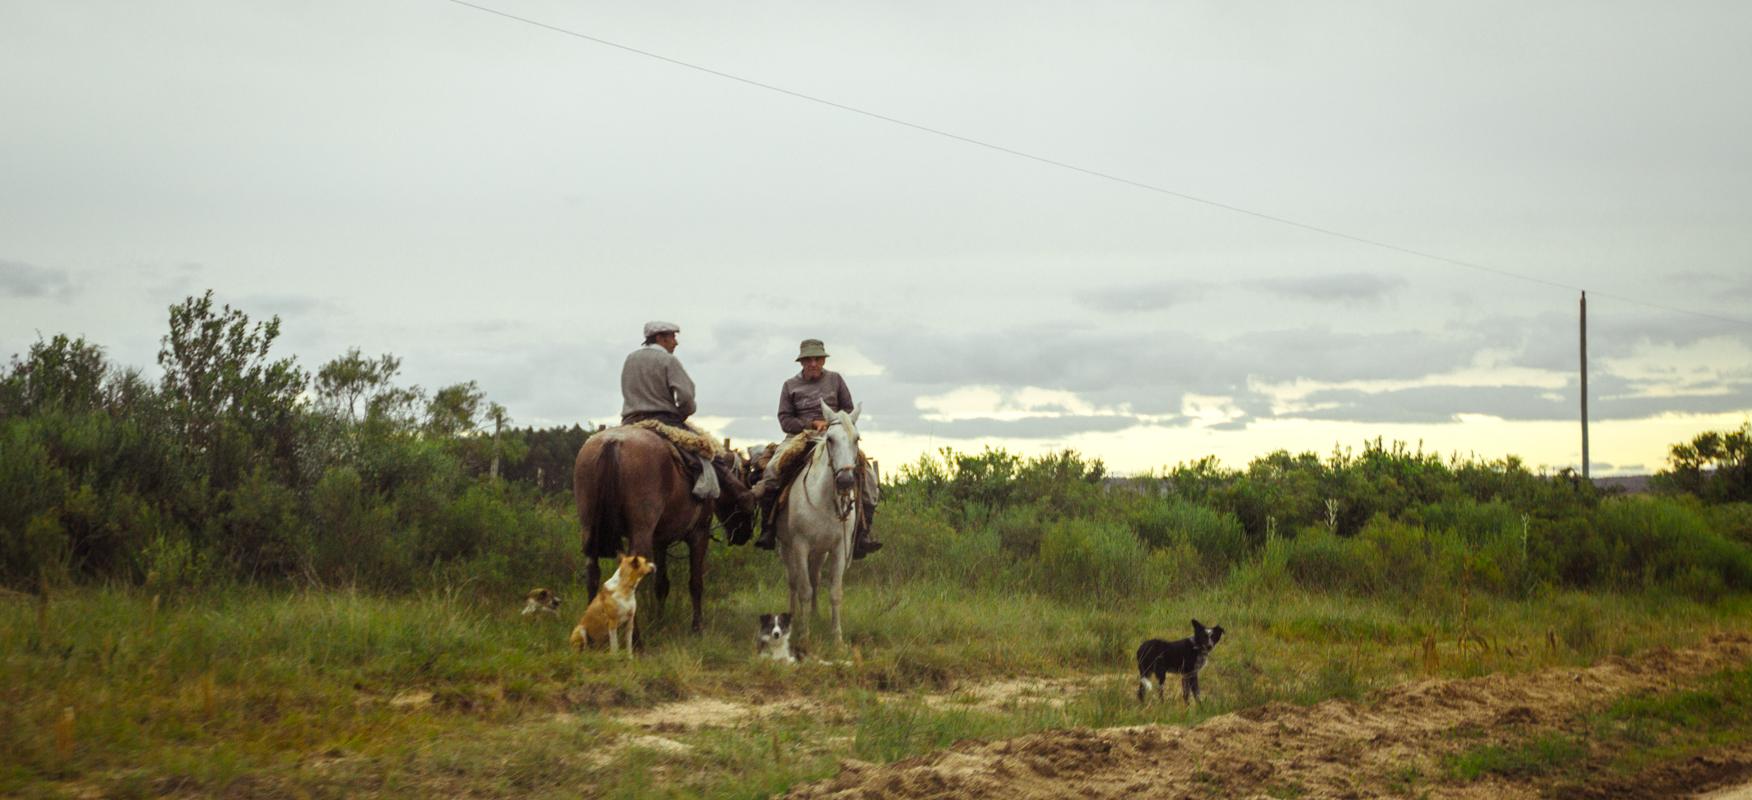 two men on horses.jpg